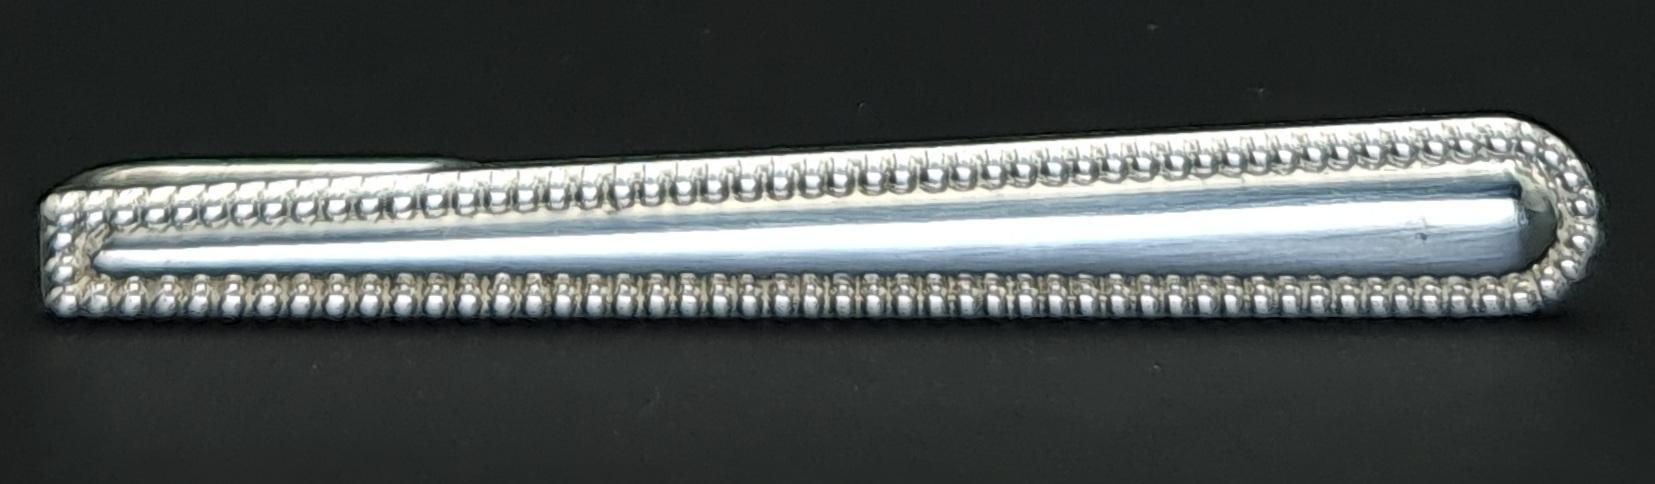 massief zilveren dasspeld massief zilver dasspeld dasspeld massief zilver 835 zilver 925 zilver dasspeldje zilver dasspeld zilveren skoander.com